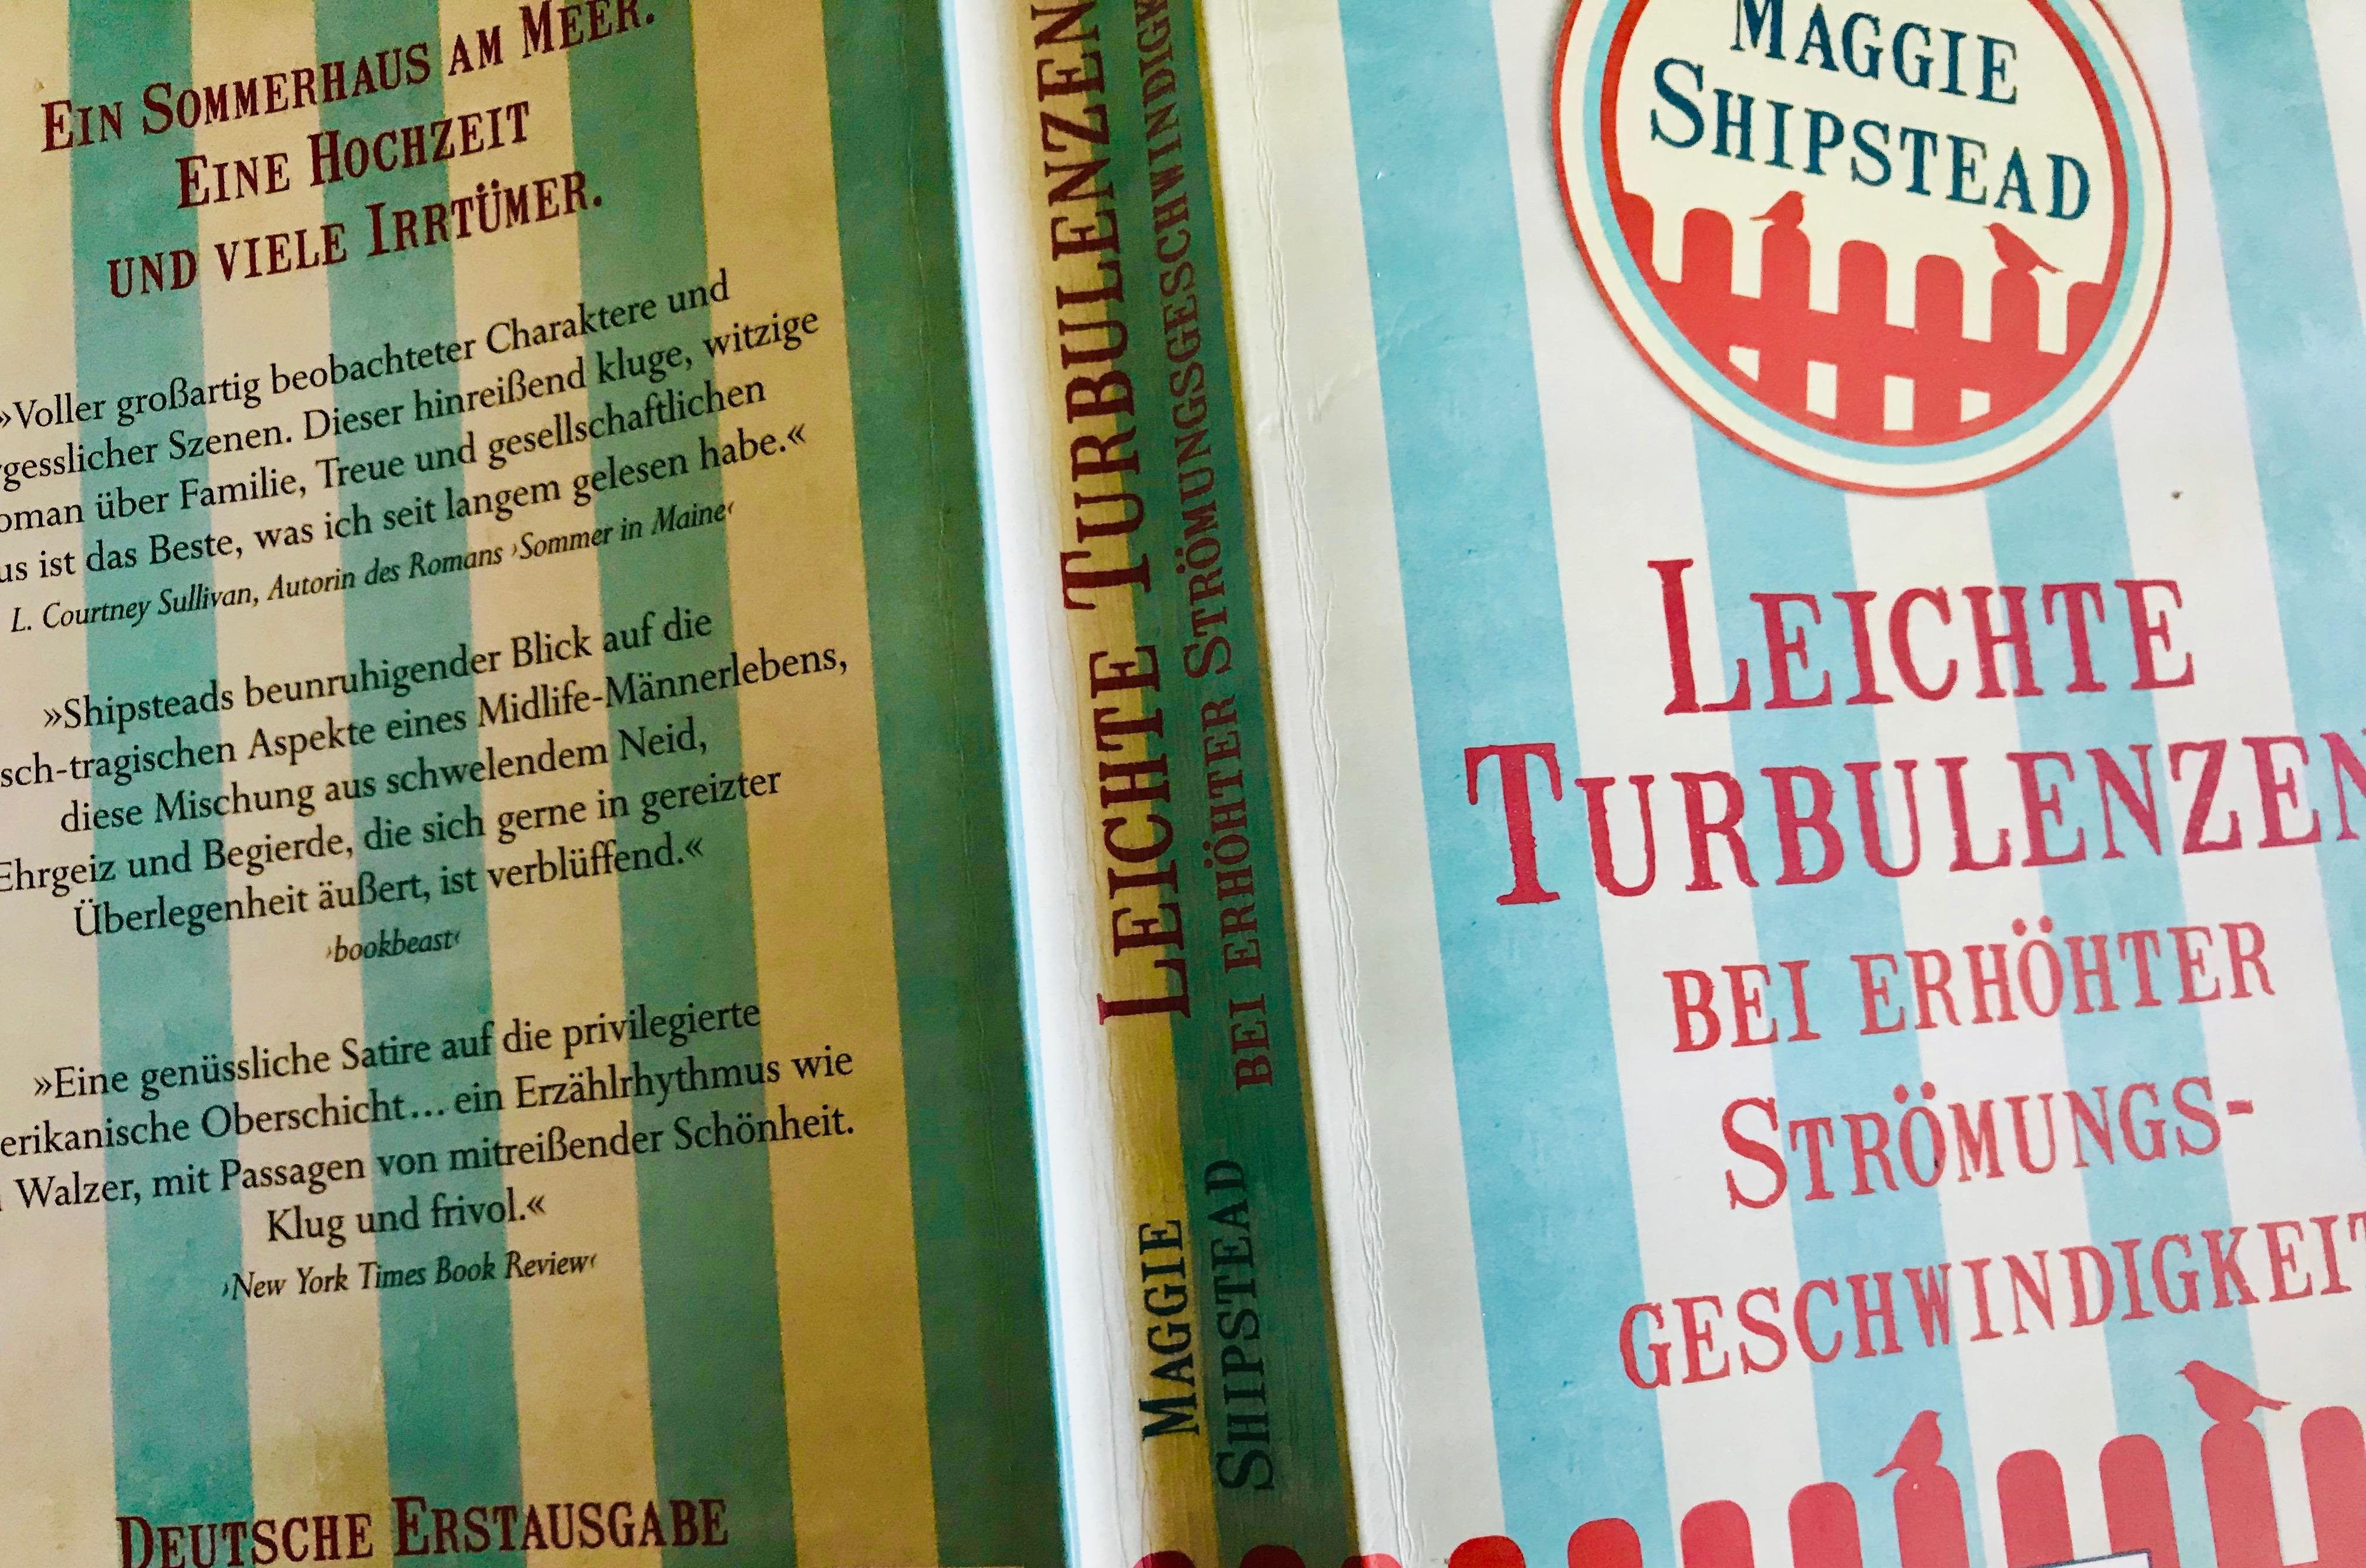 """Buchcover """"Leichte Turbulenzen bei erhöhter Strömungsgeschwindigkeit"""